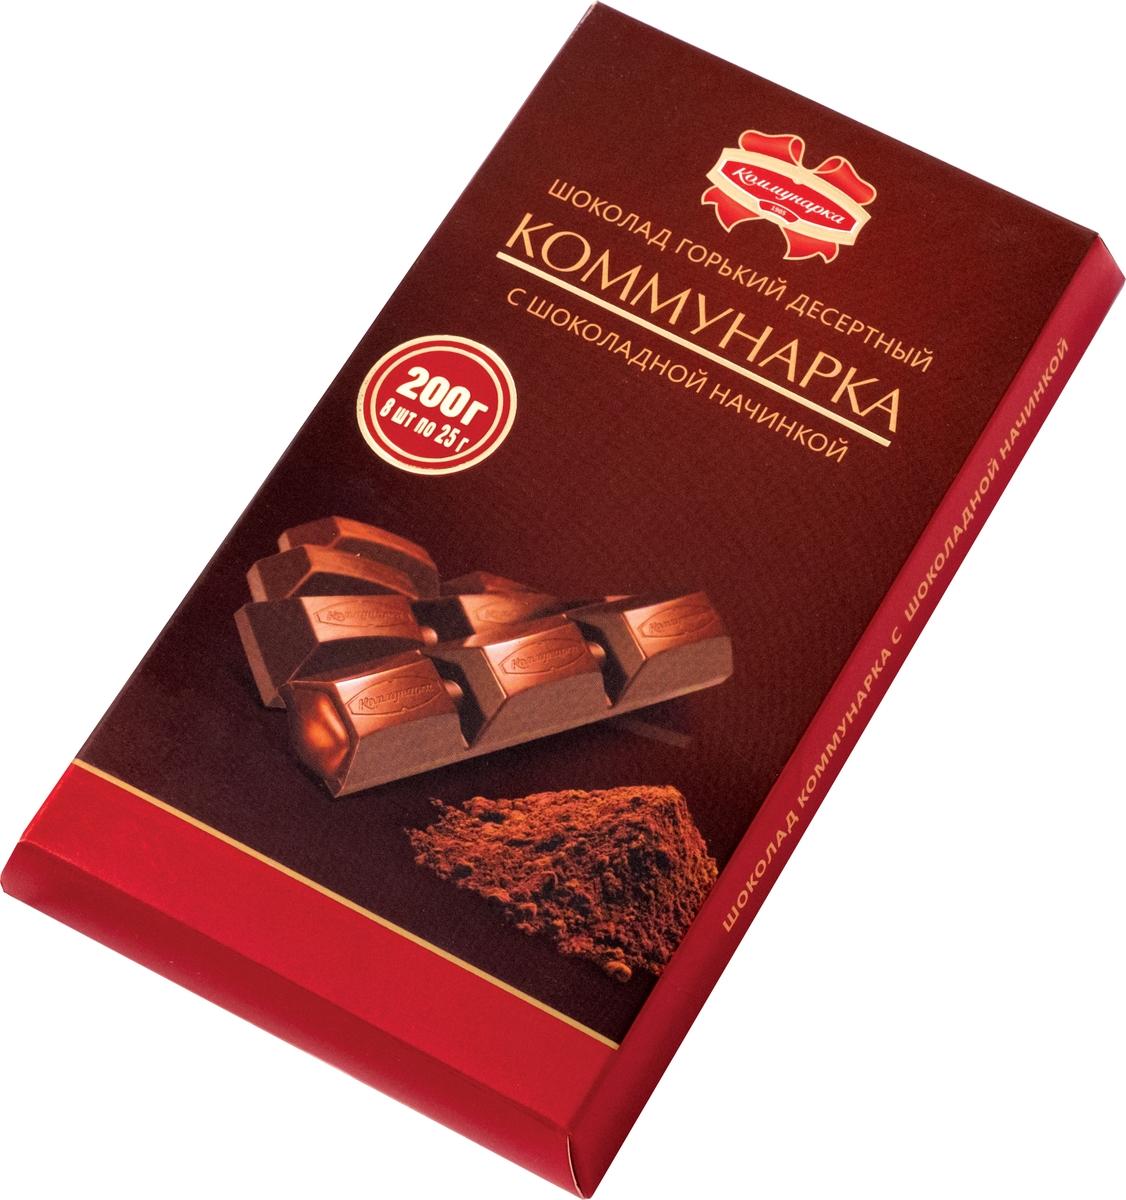 Коммунарка шоколад горький с шоколадной начинкой, 200 г коммунарка шоколад горький с клубничным соком 200 г